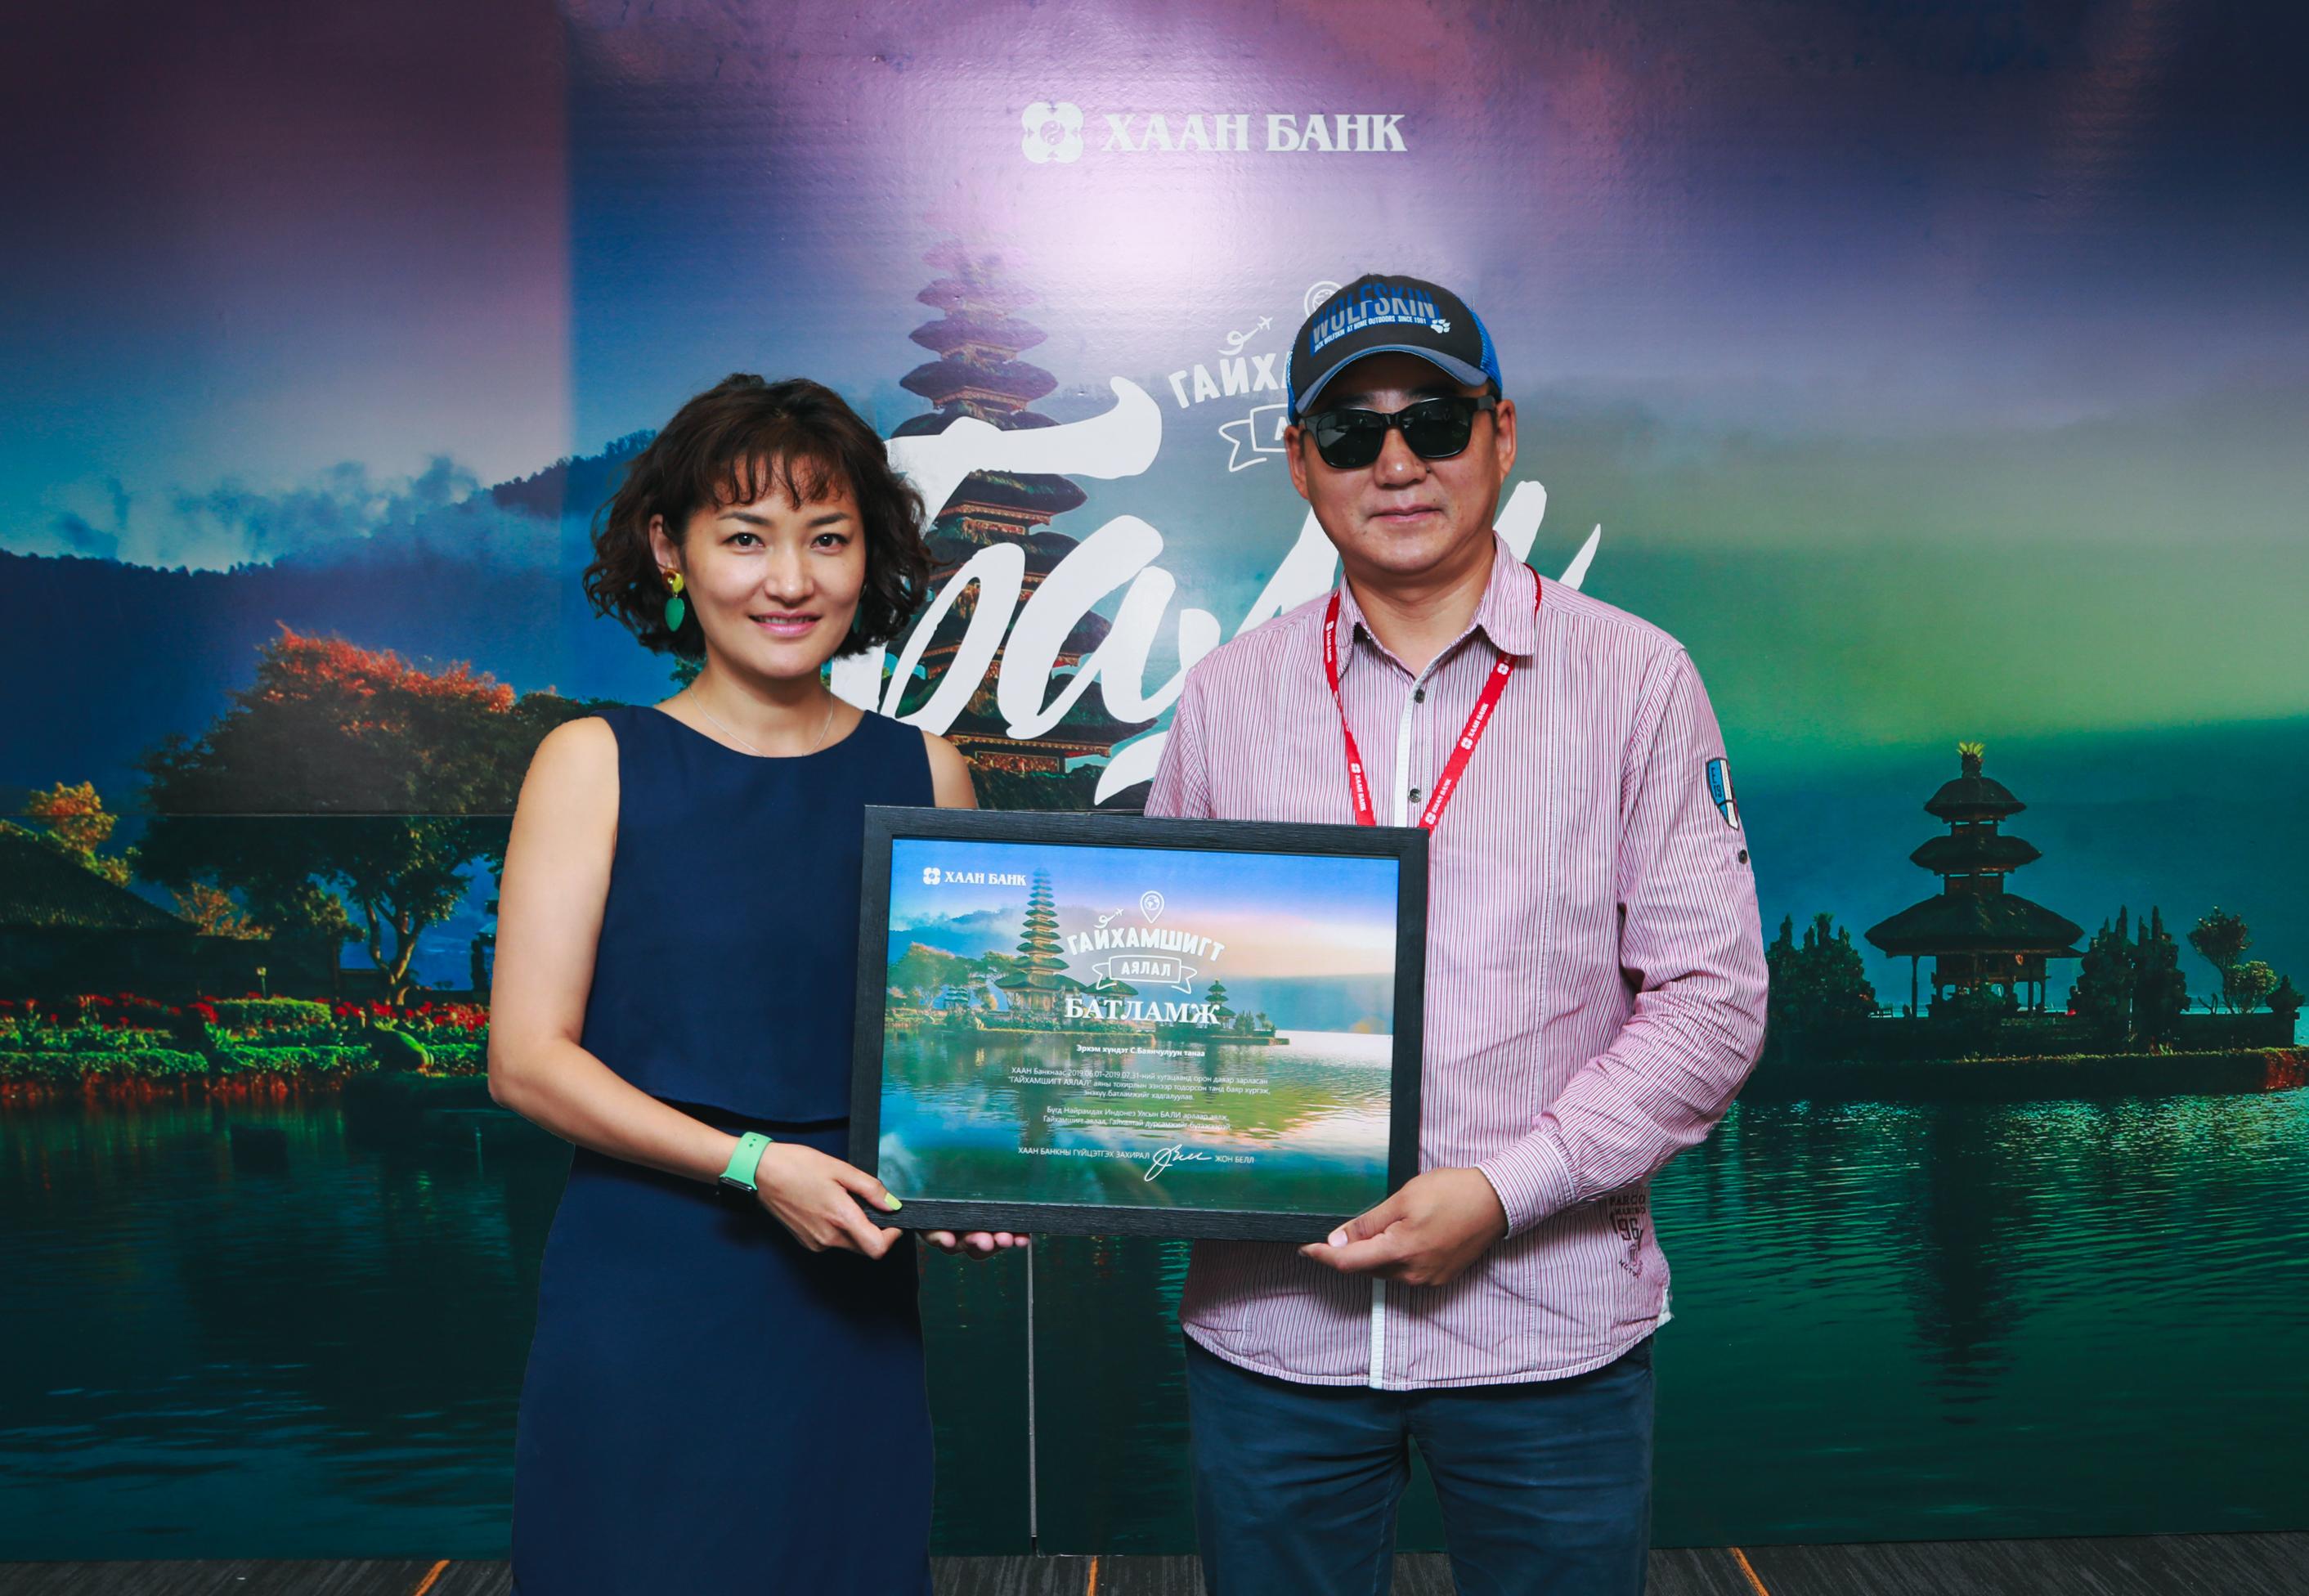 """3K5A7944f """"Гайхамшигт аялал"""" аяны эхний 5 тохирлын эзэд Бали арлаар аялах батламжаа авлаа"""